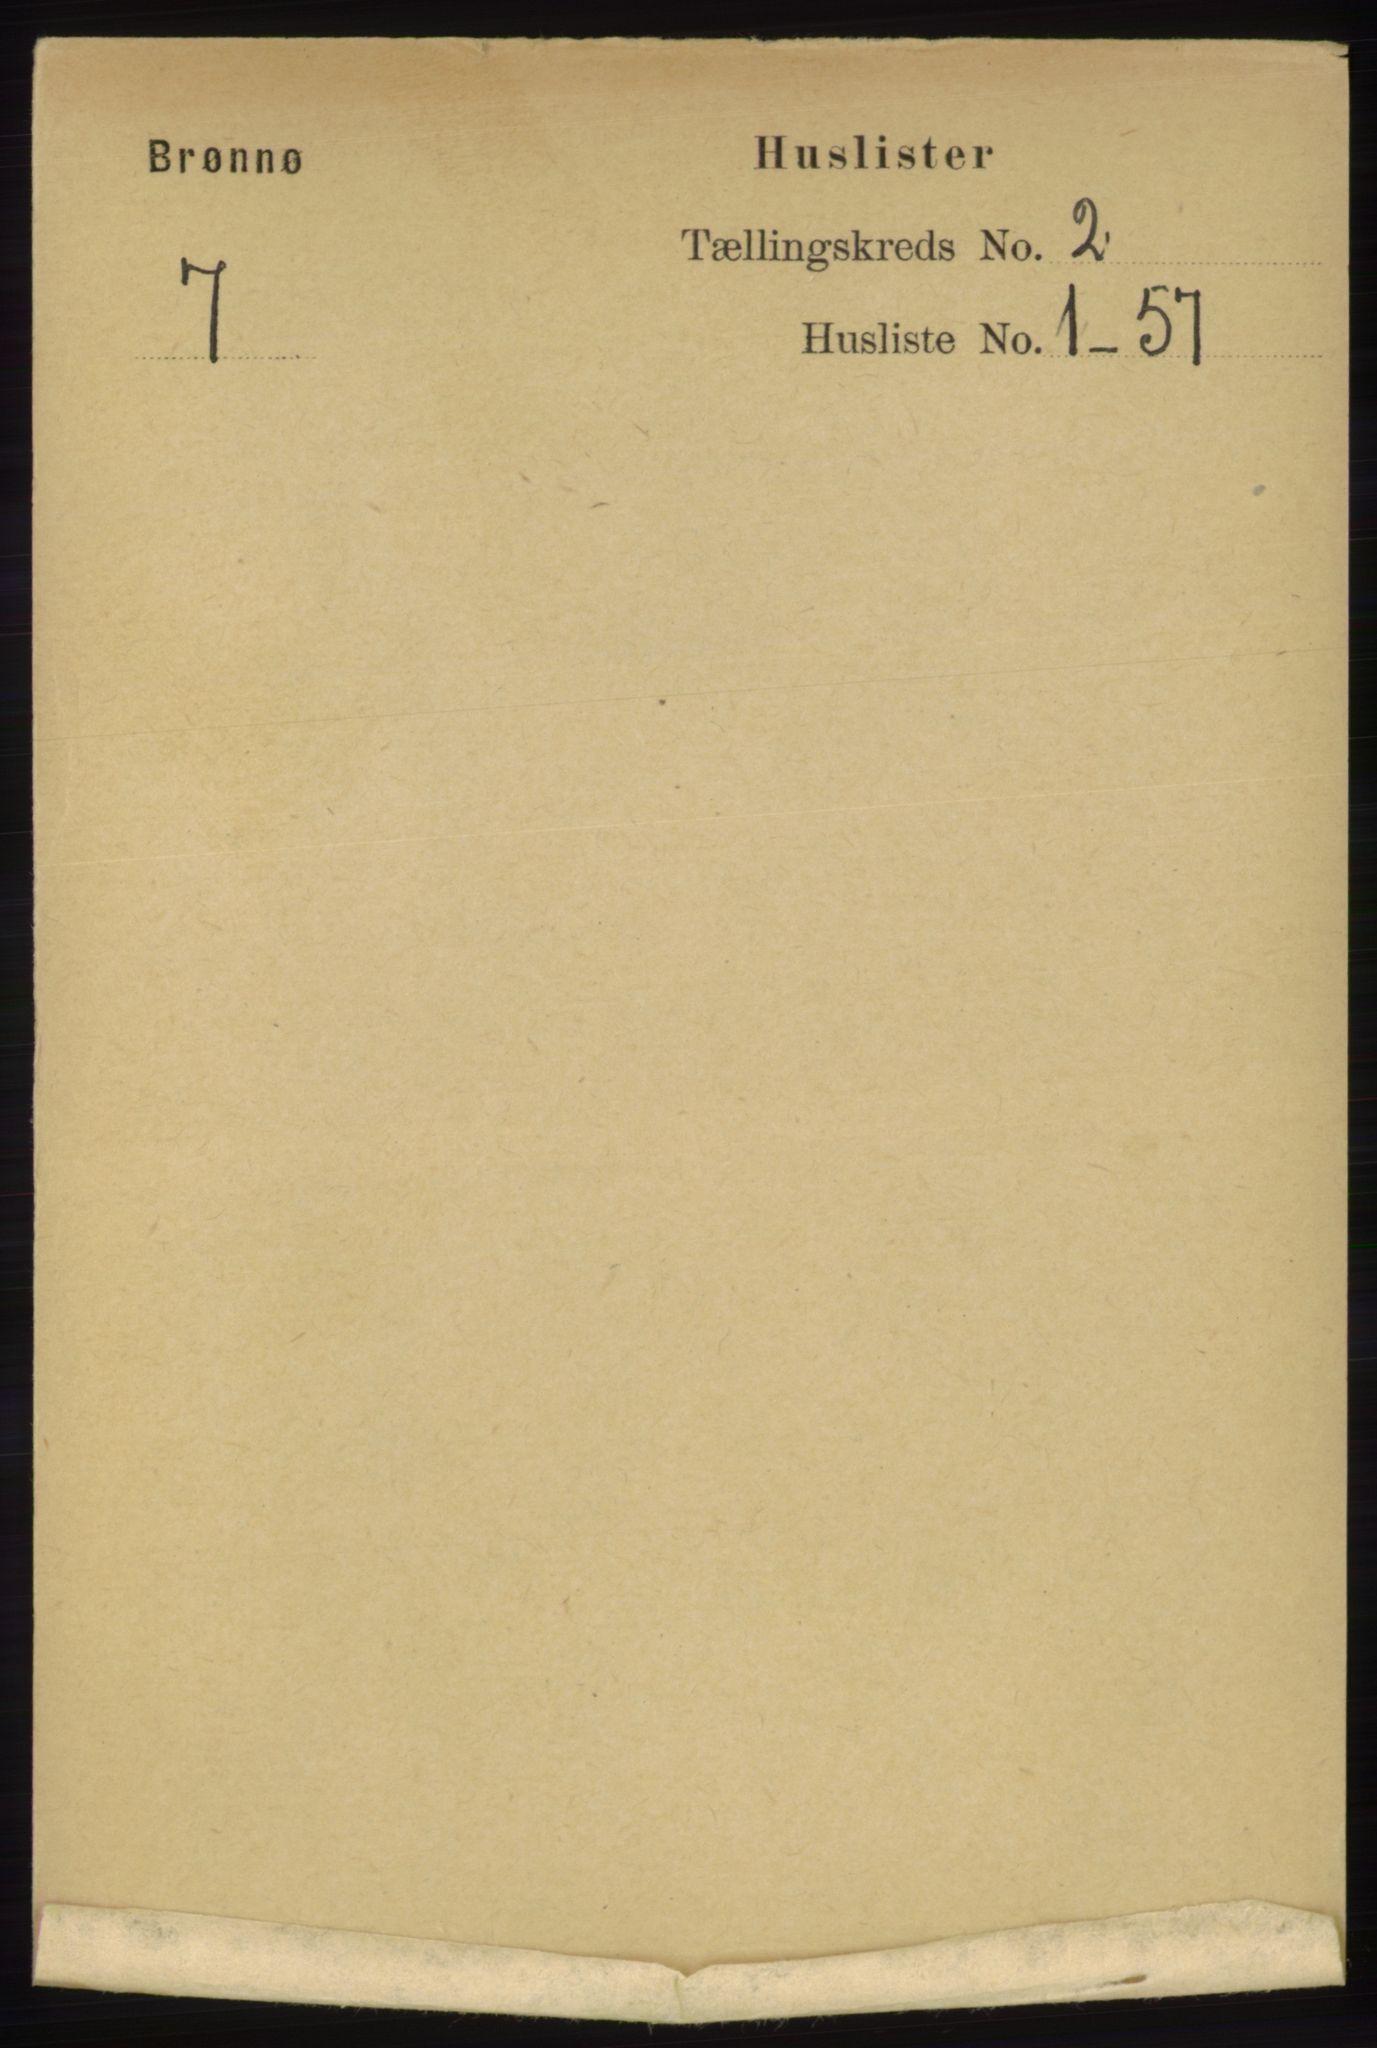 RA, Folketelling 1891 for 1814 Brønnøy herred, 1891, s. 747